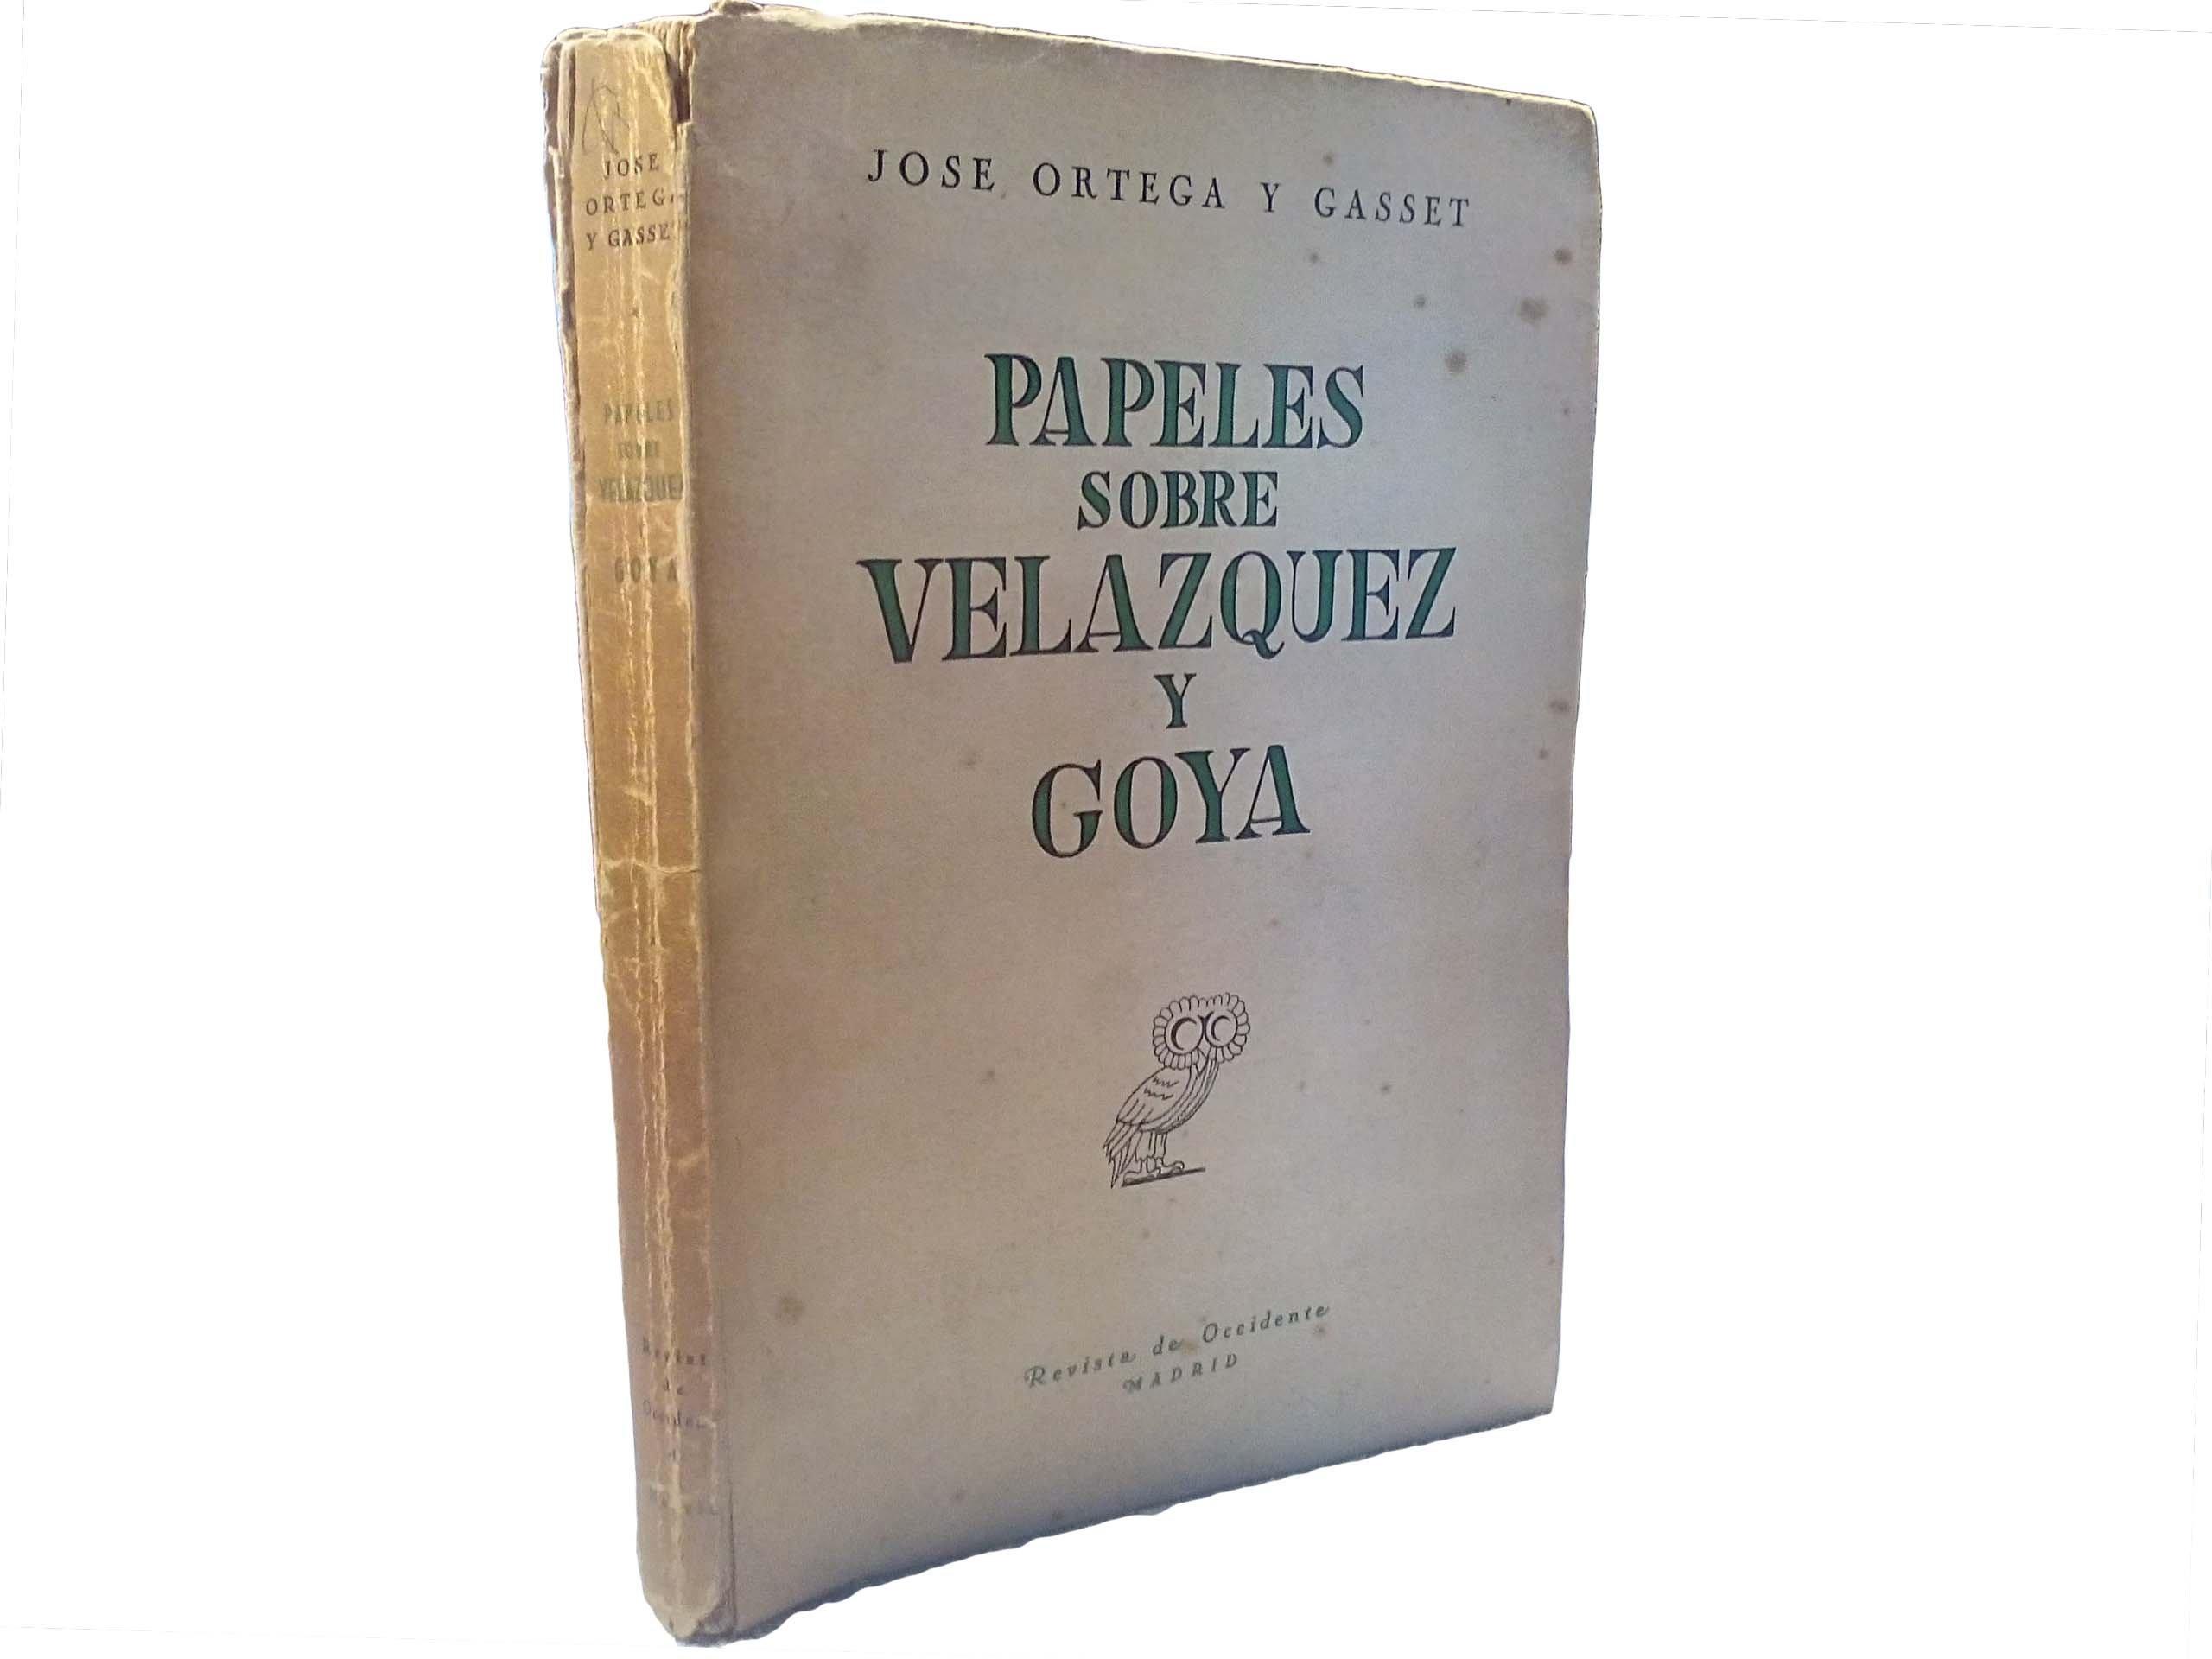 Papeles sobre Velazquez y Goya: Amazon.es: Jose Ortega y Gasset ...